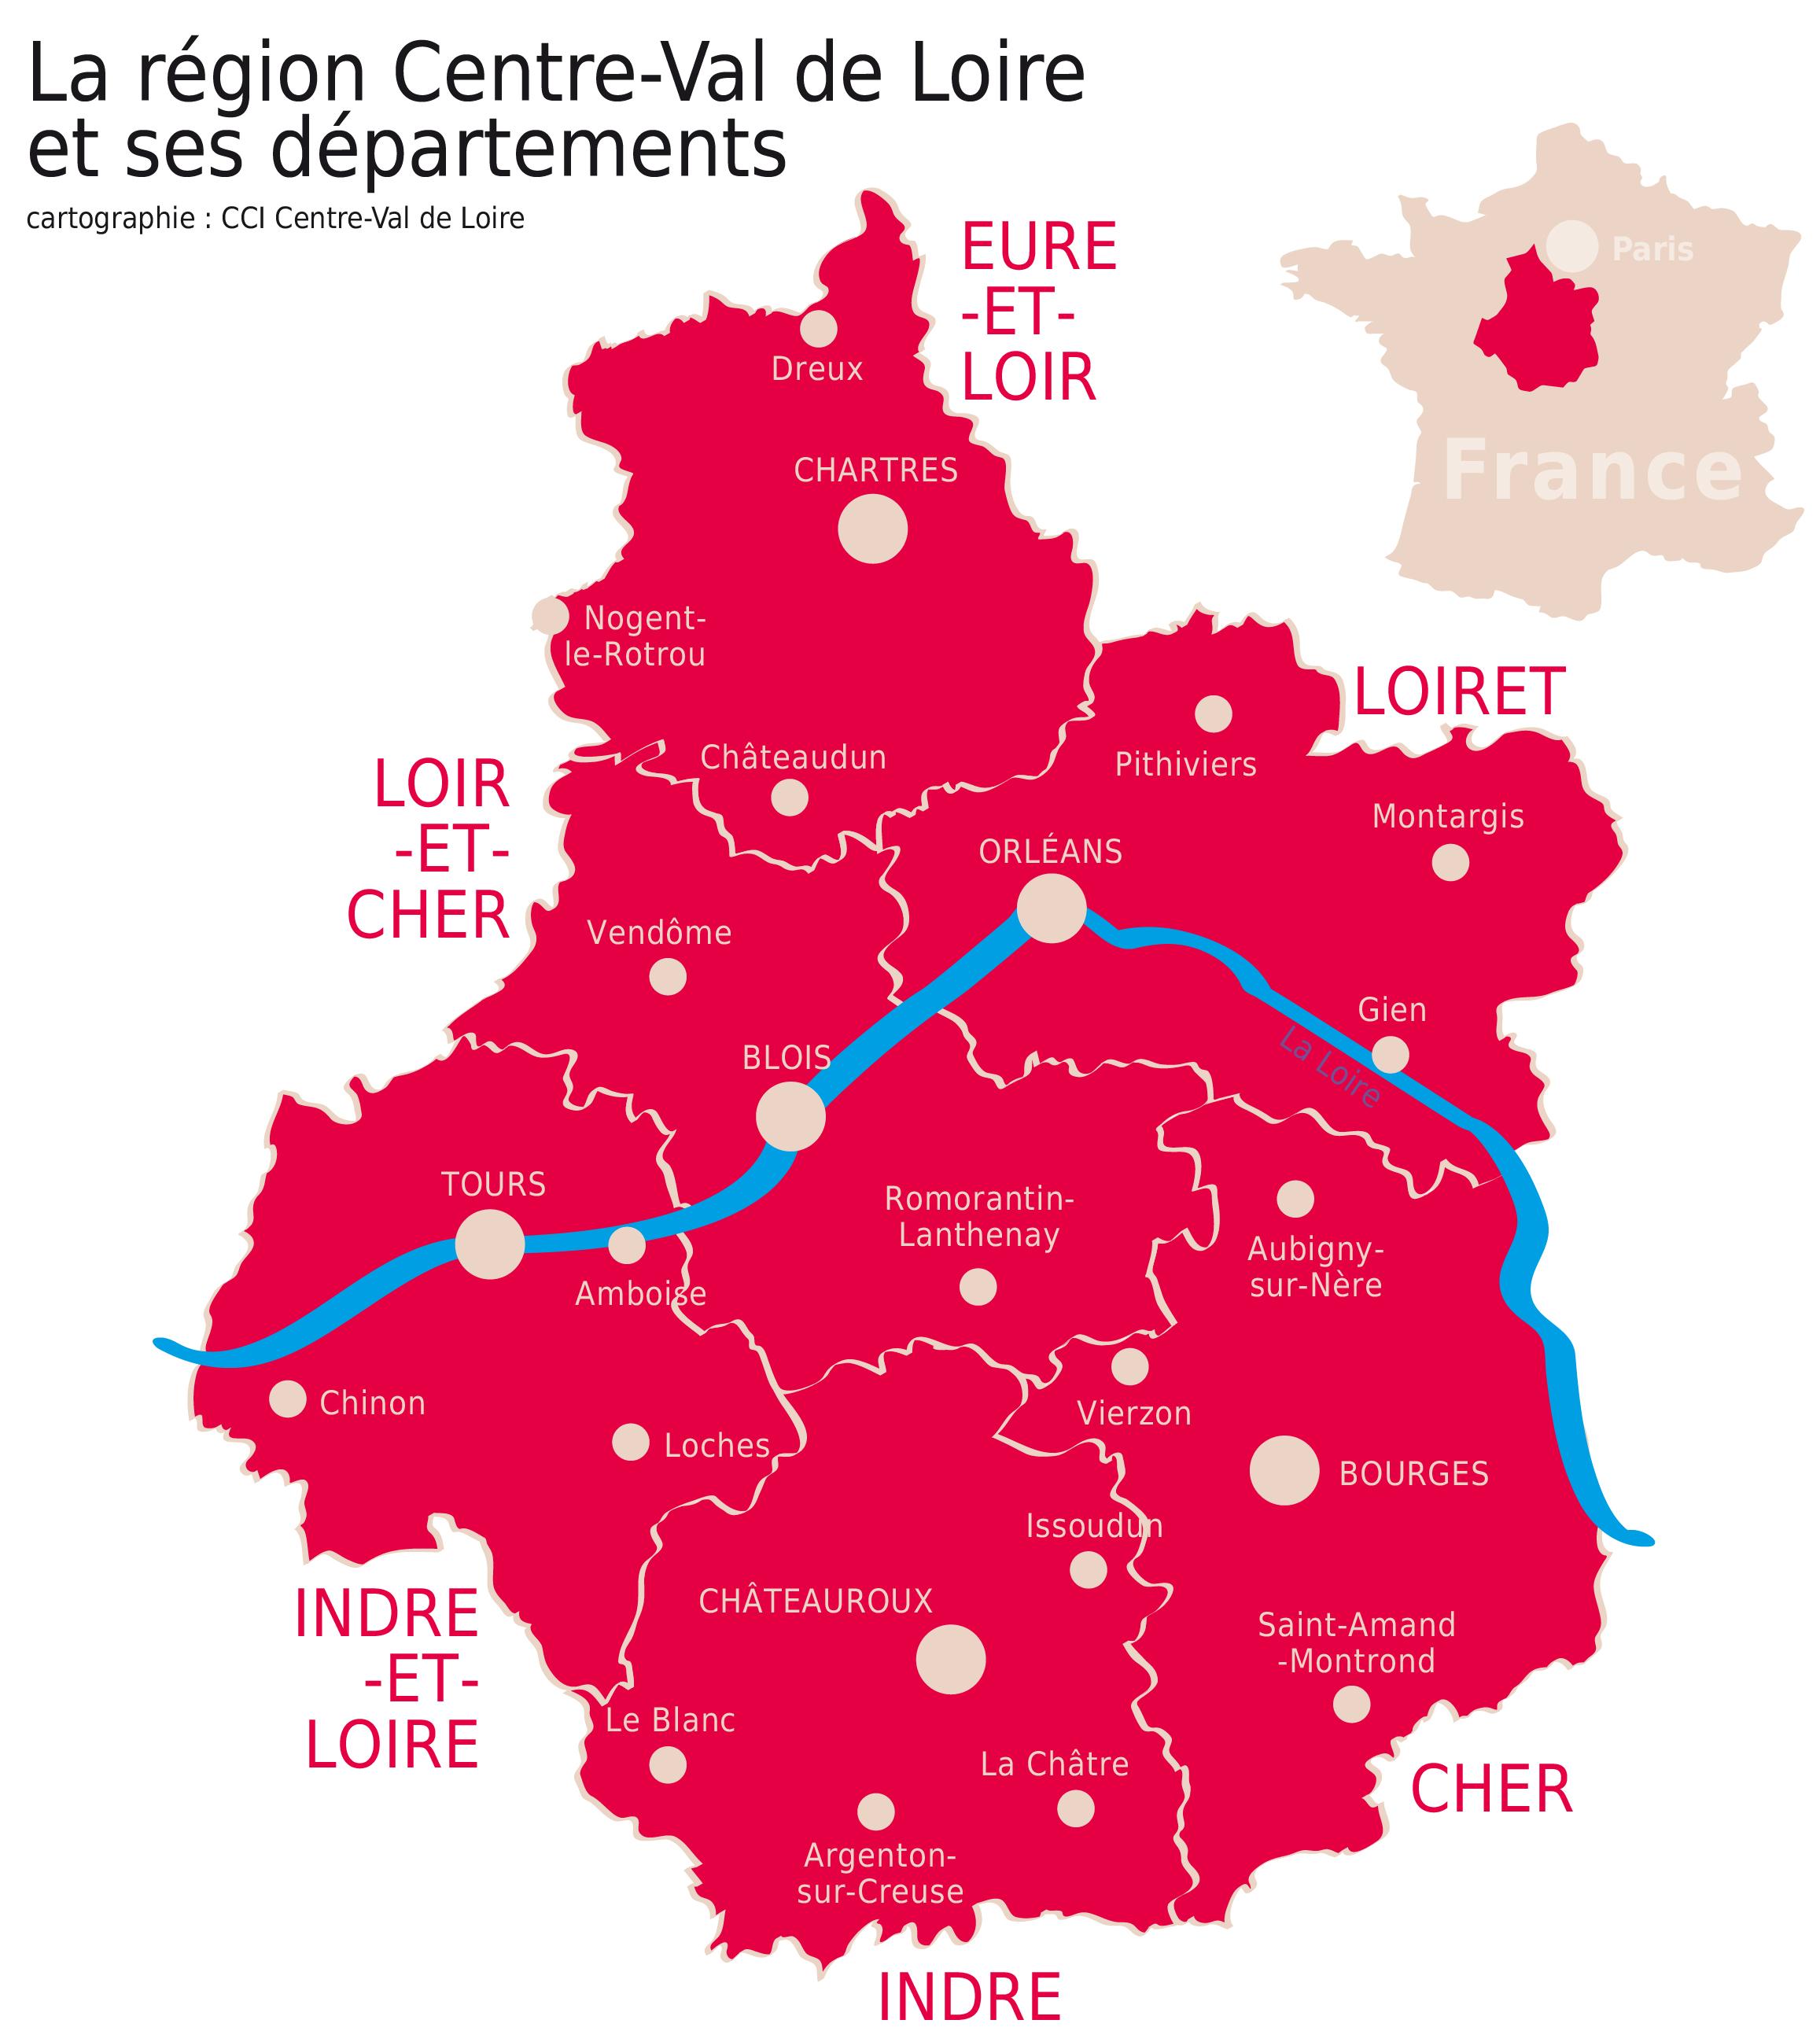 Carte De La Region Cci Centre Vdl